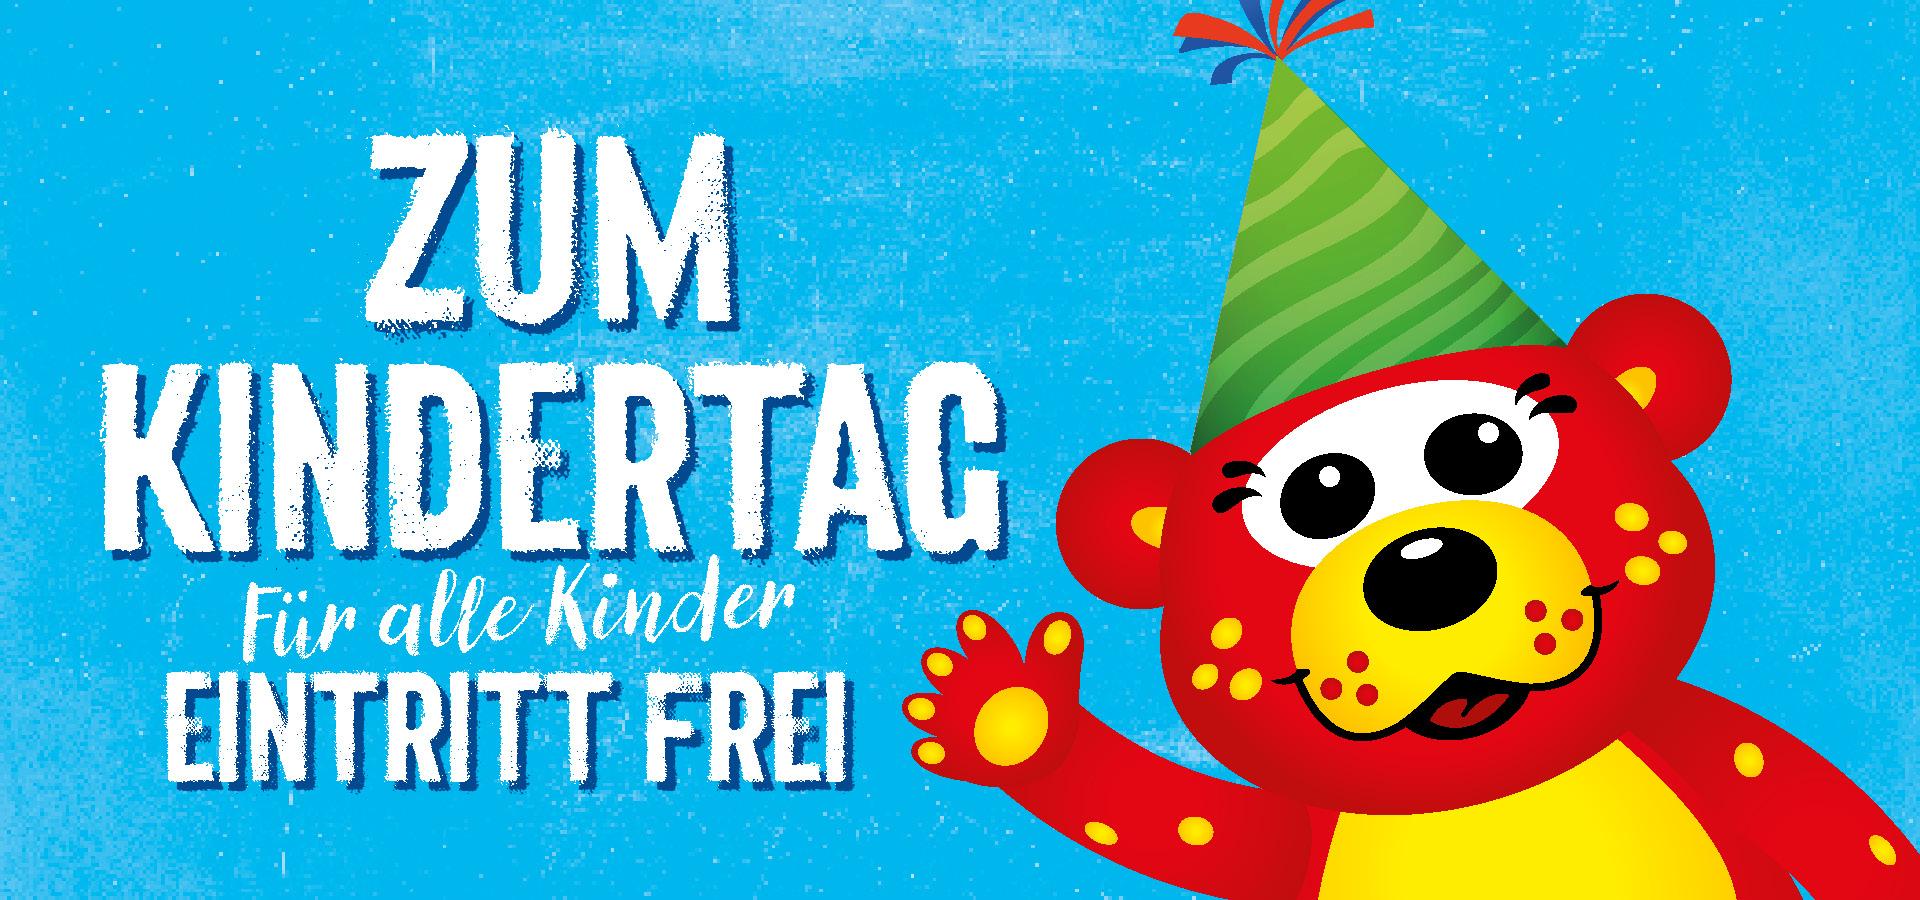 Karls Erlebnishof freier Eintritt für alle Kinder am Kindertag (inkl Eiswelt, Achterbahn, Aquarium)